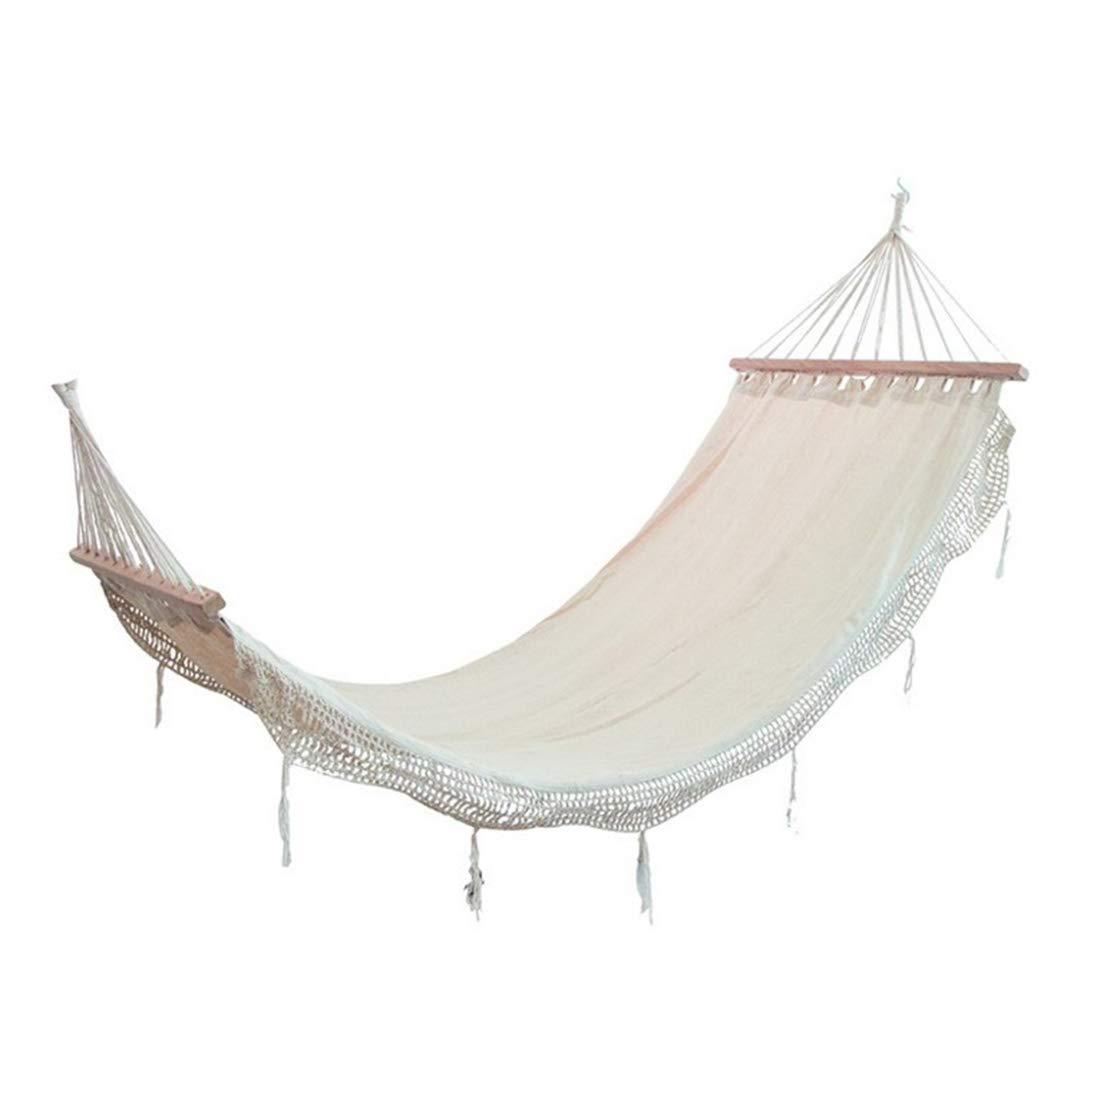 UICICI Multifunktions-Outdoor-Freizeitspitze Camping Sling Bett (Größe : 200cm)